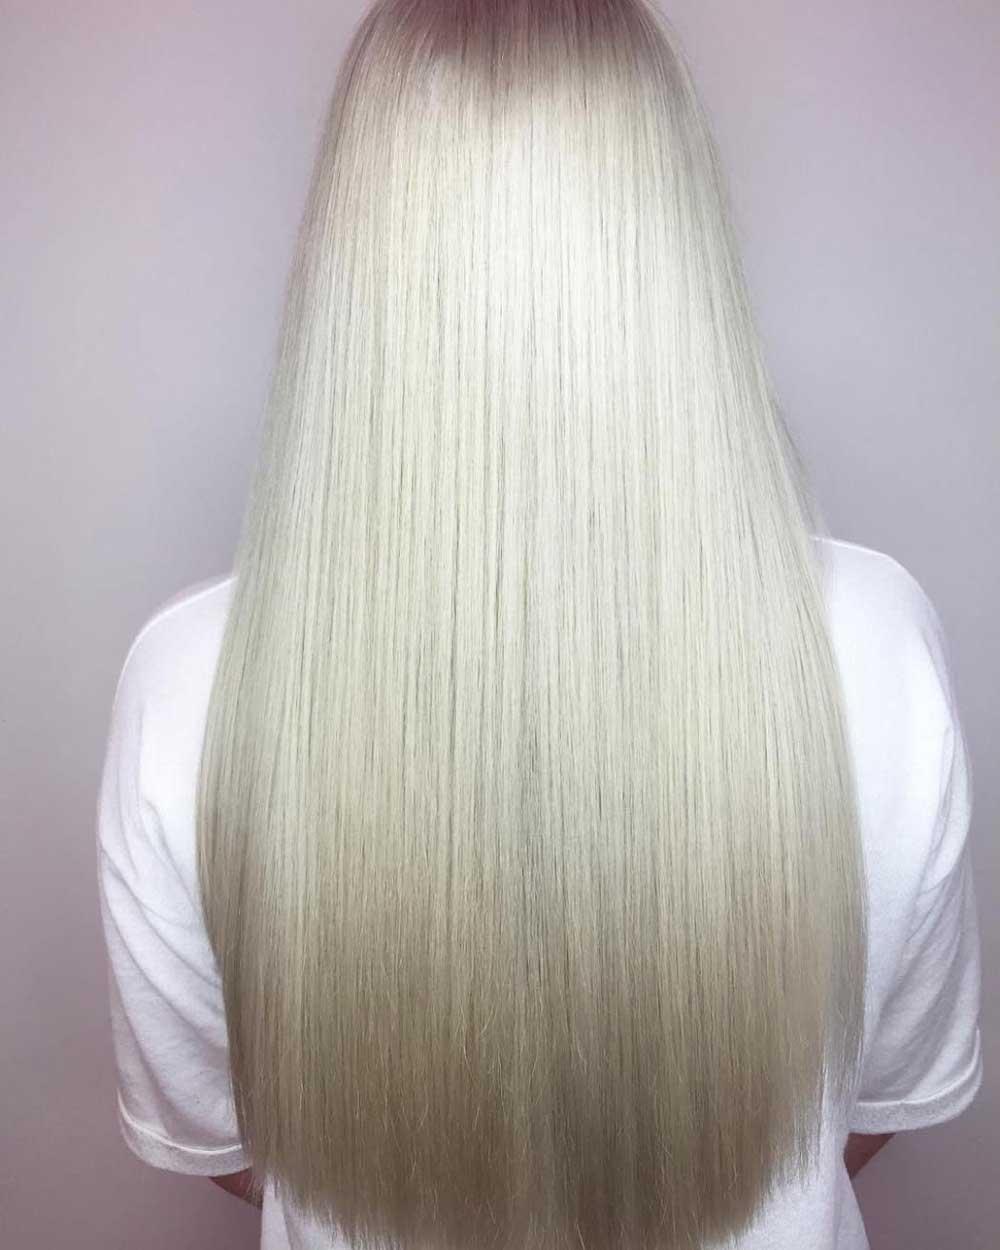 کراتین موی سفید و خاکستری